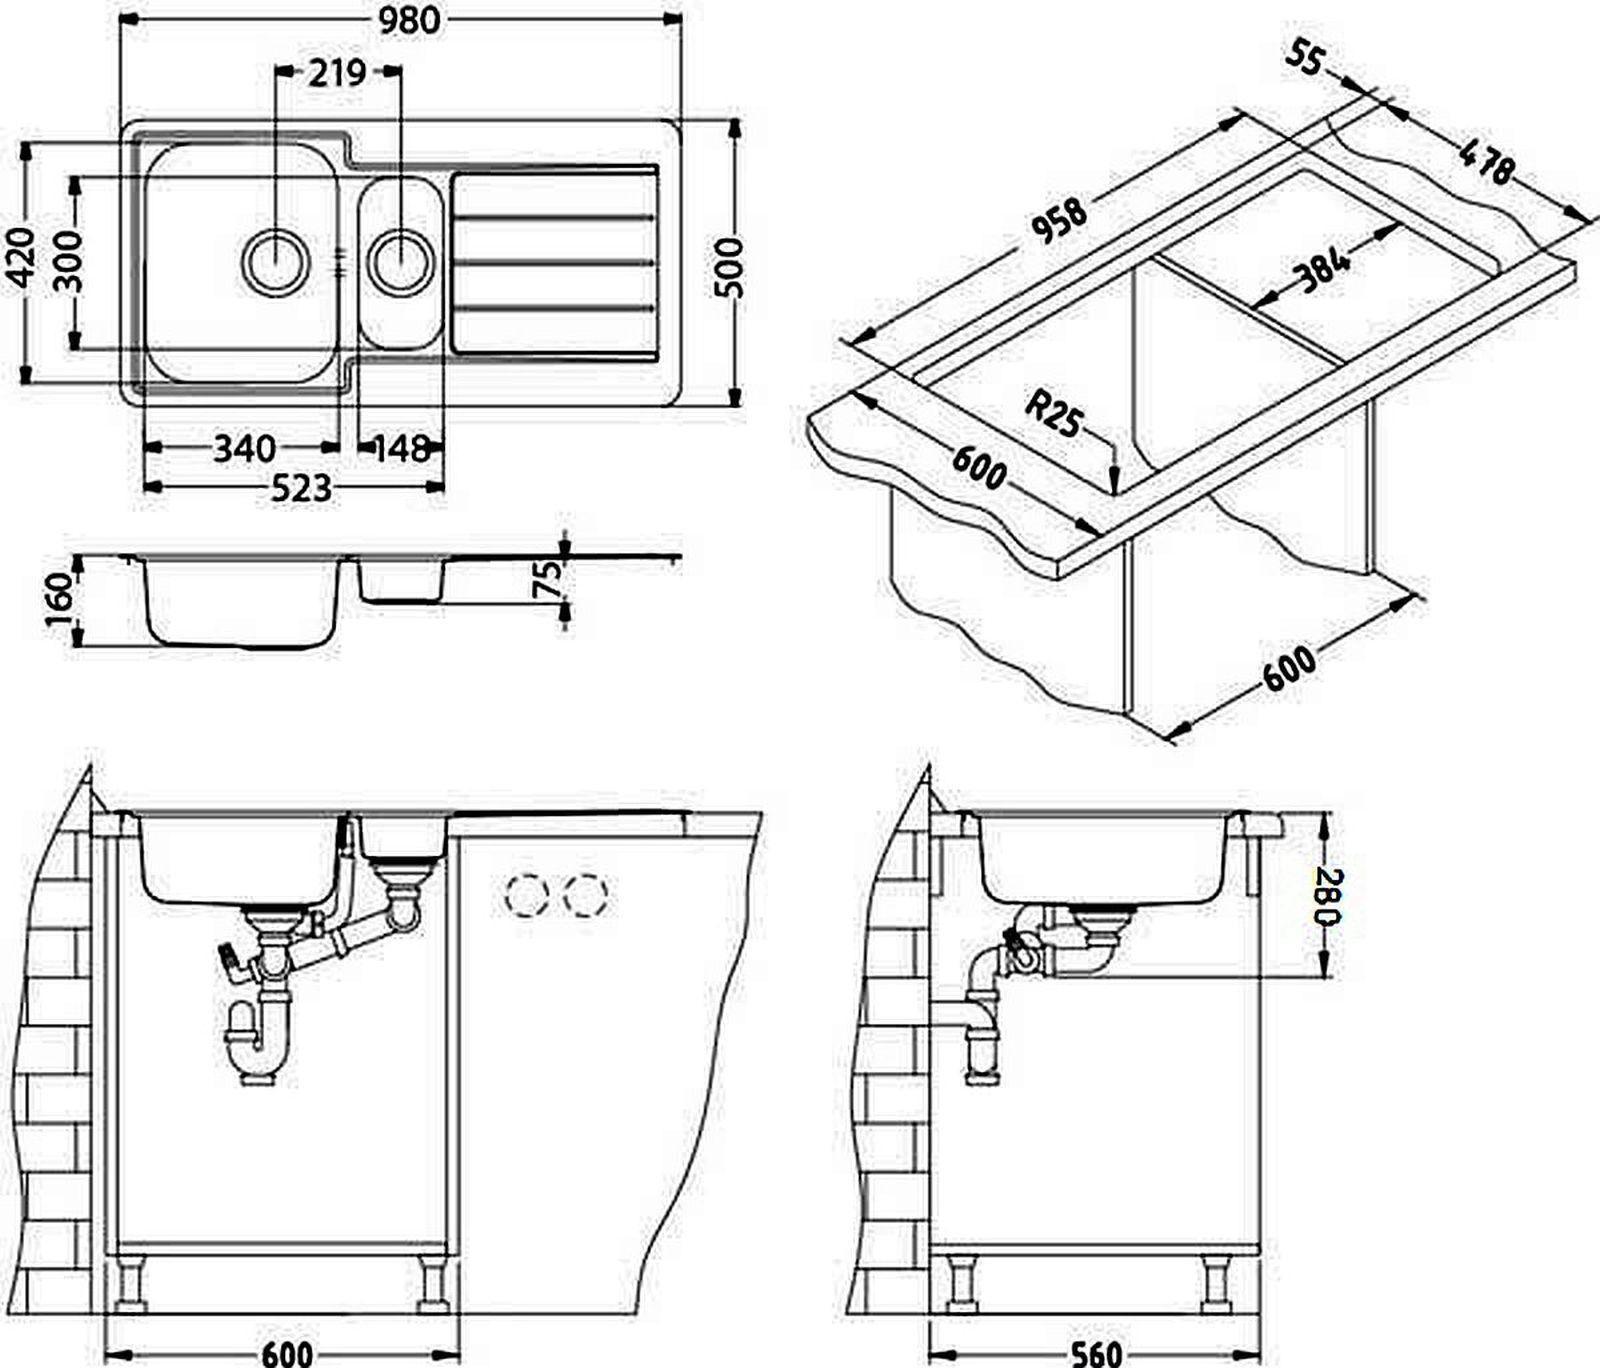 alveus einbau k chensp le 980 x 500 mm edelstahl abwasch sp lbecken line 10 kaufen bei. Black Bedroom Furniture Sets. Home Design Ideas